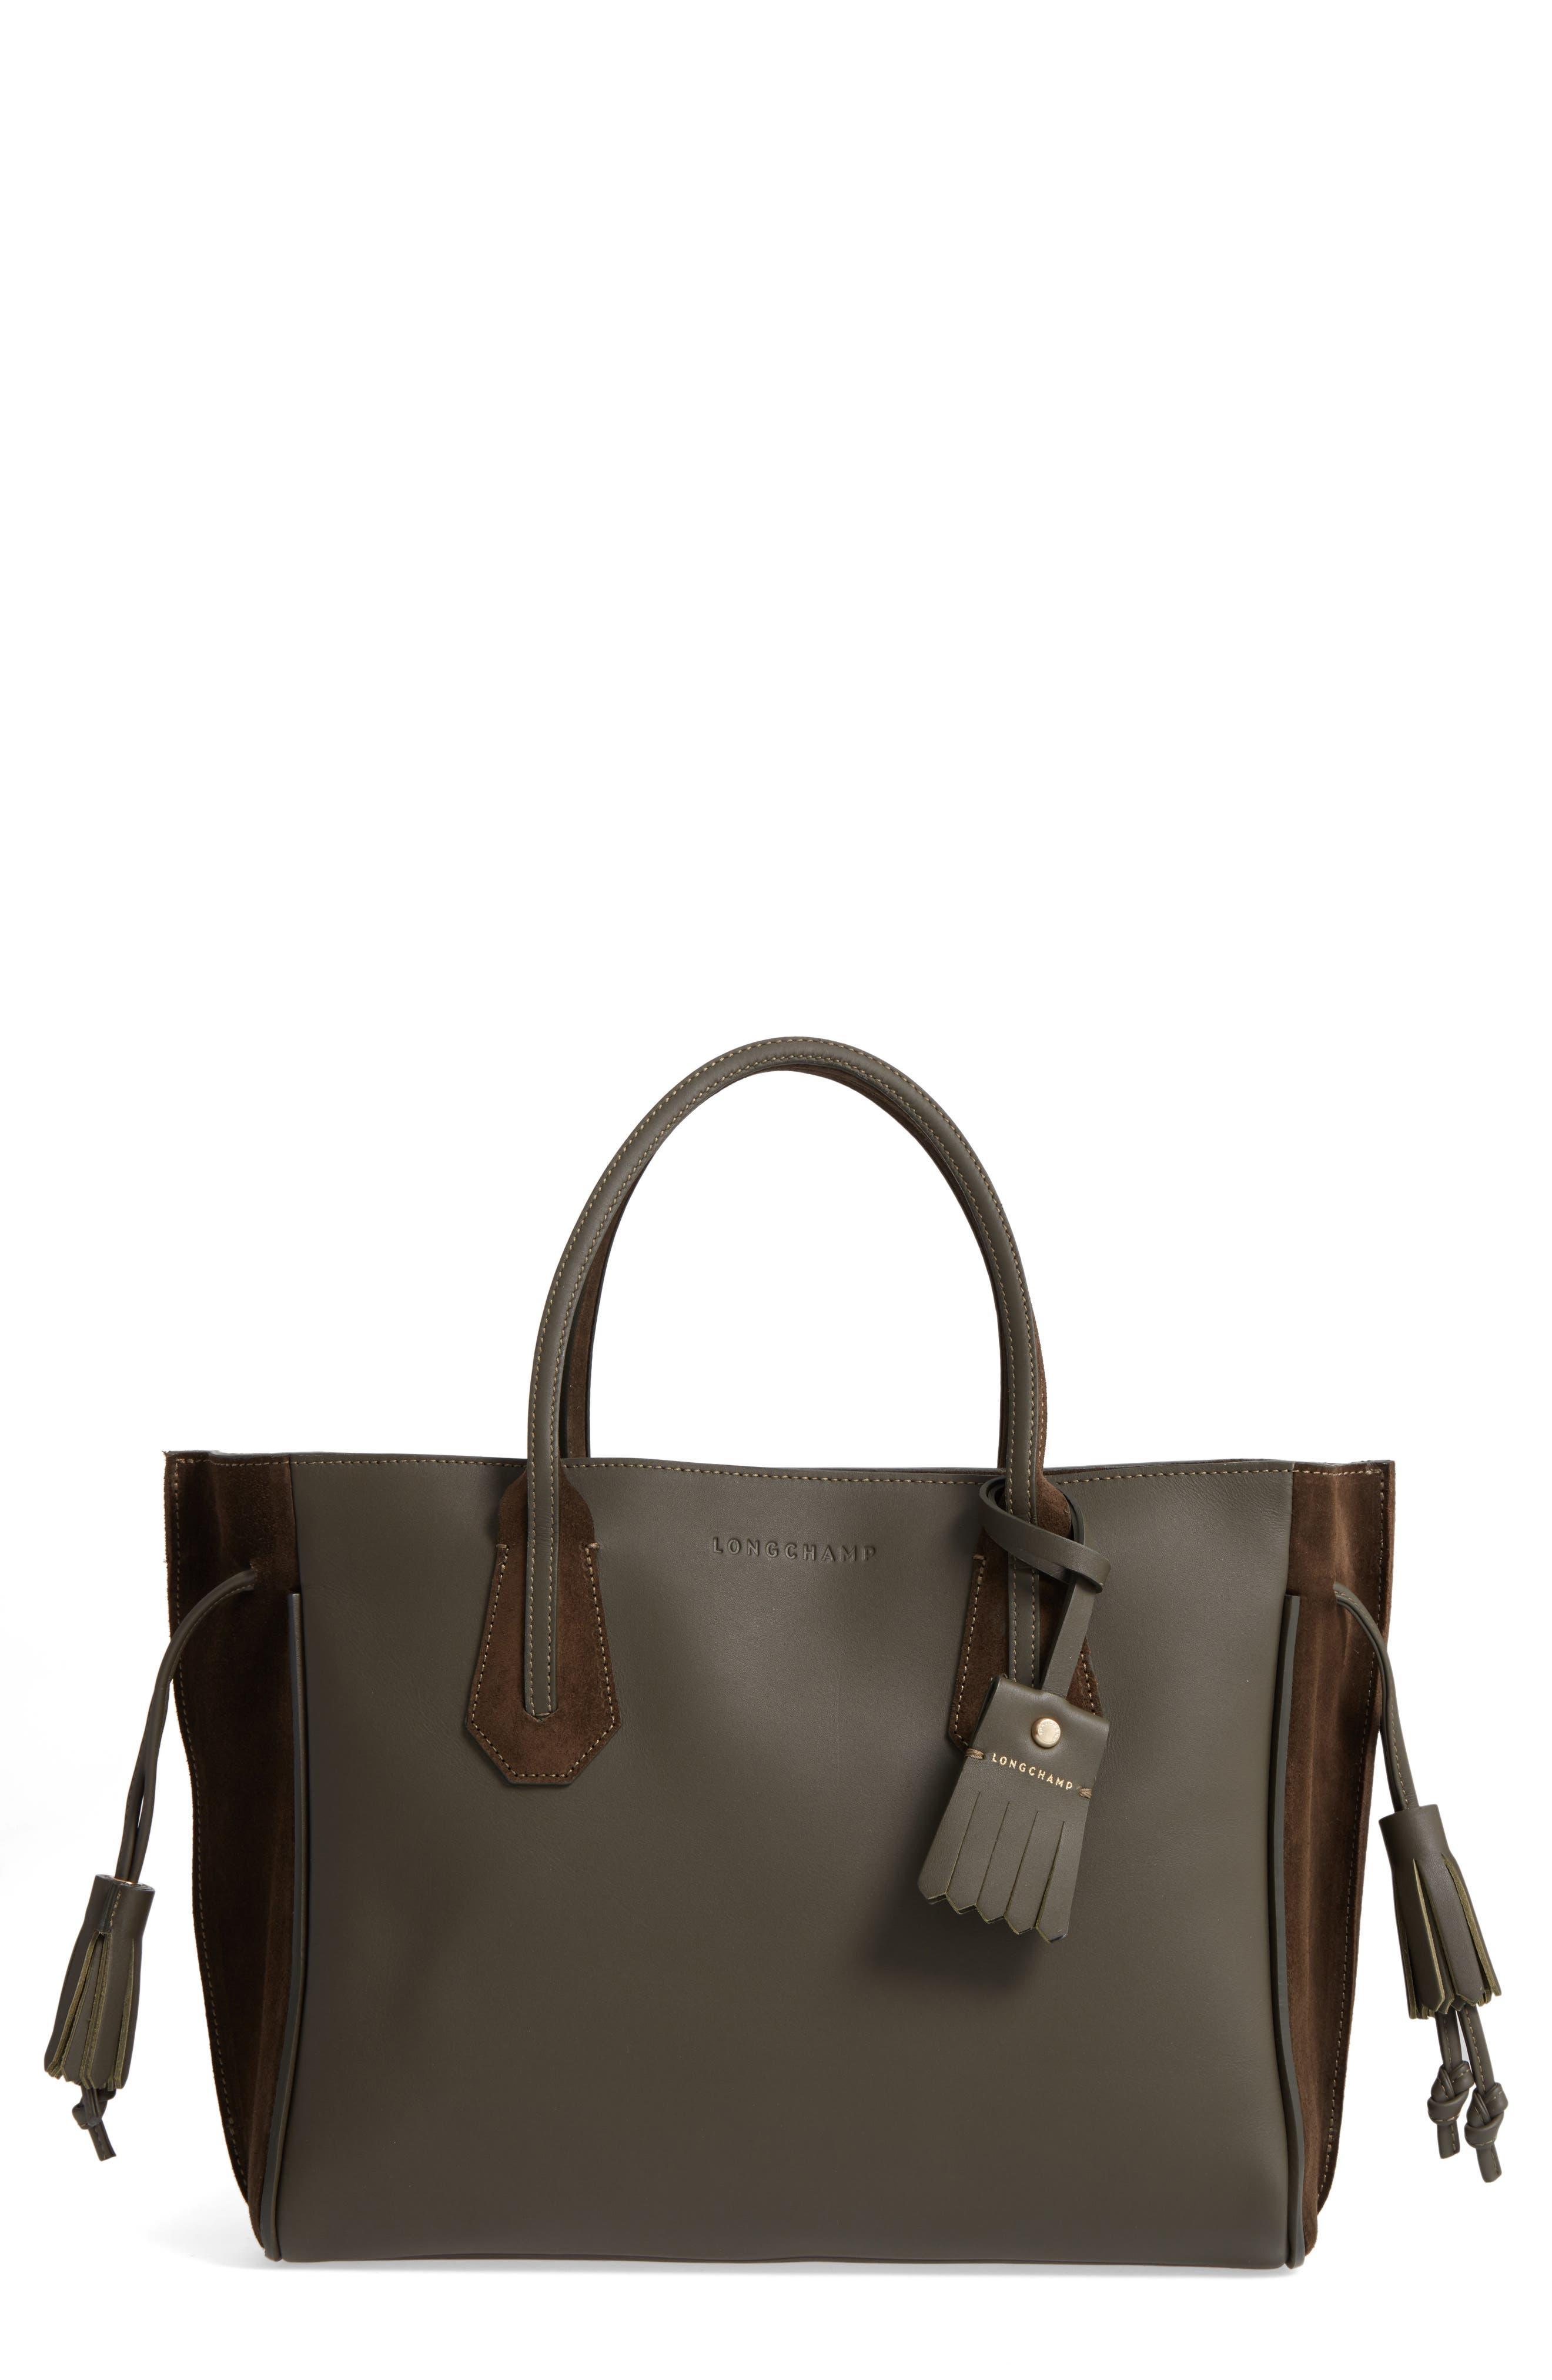 Alternate Image 1 Selected - Longchamp Penelope Top Handle Tote